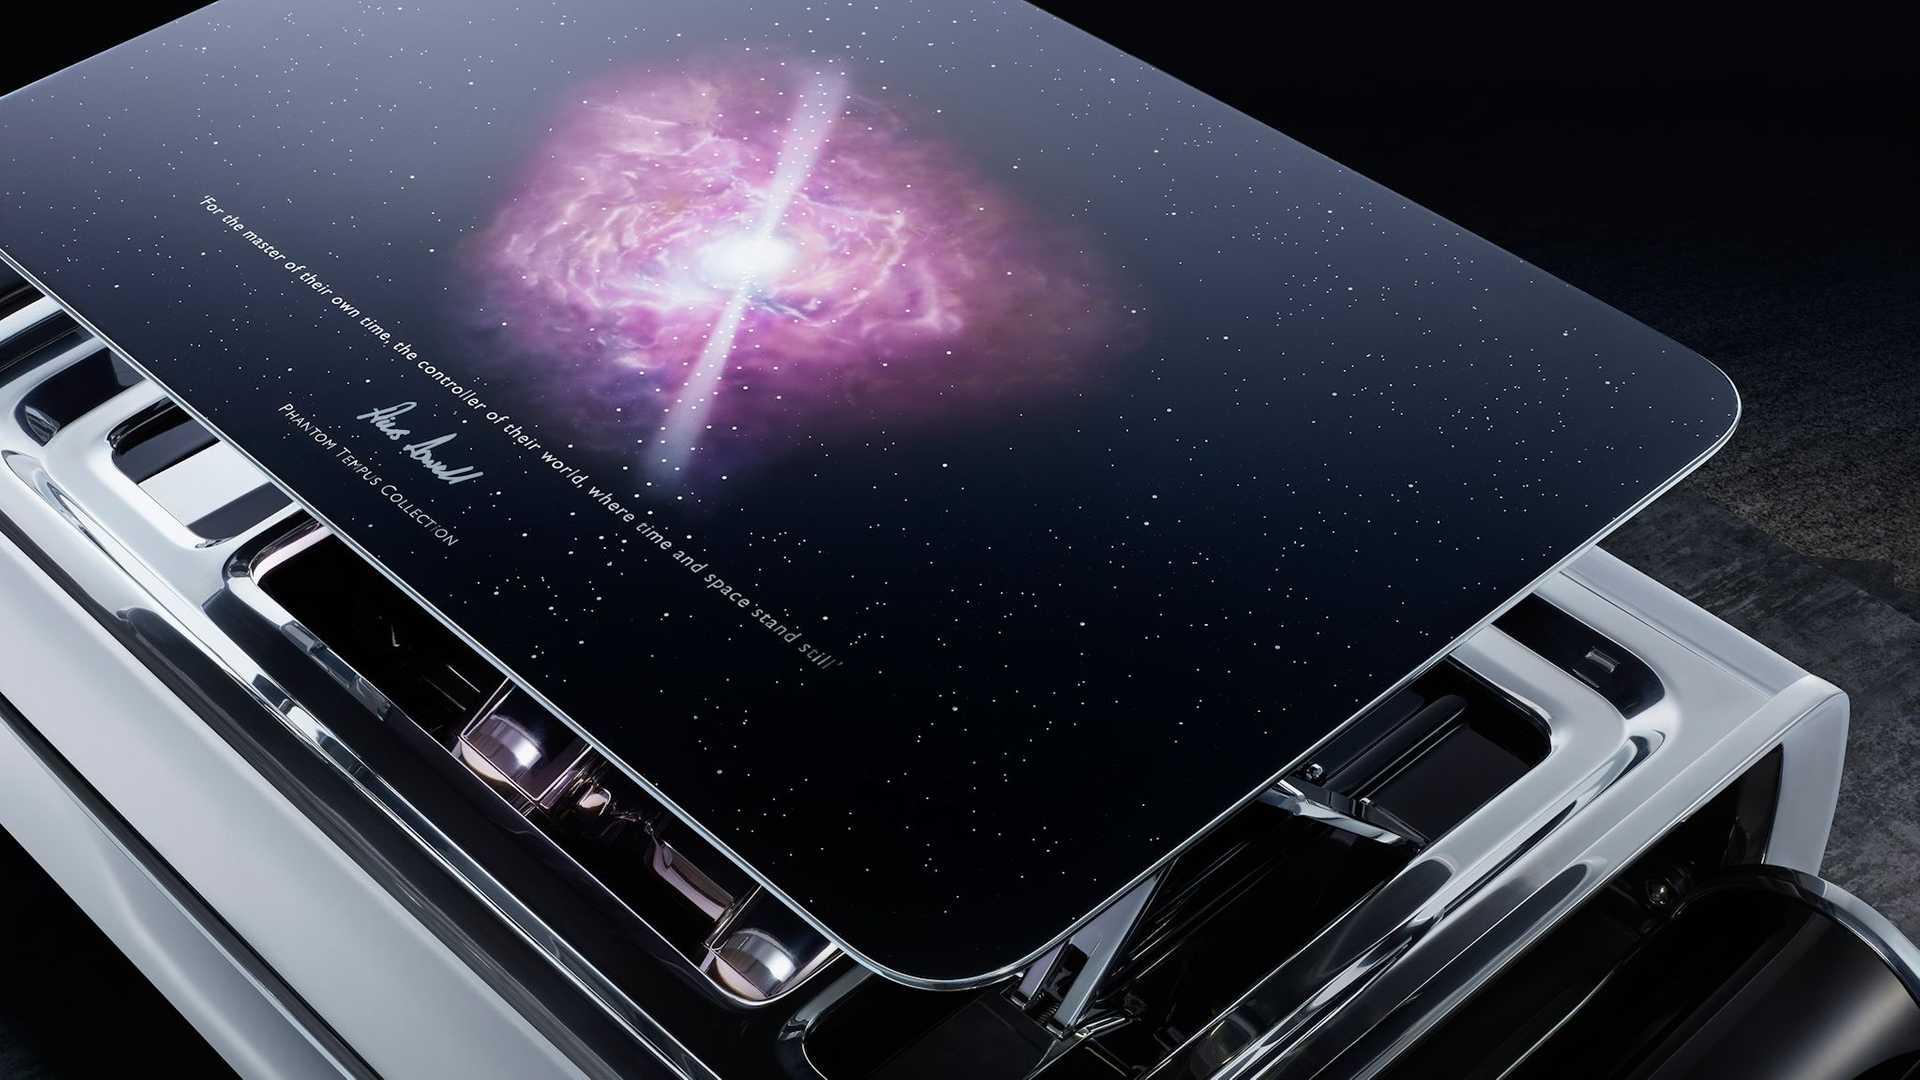 فانتوم تمپوس؛ انتشار جدیدترین اطلاعات از کهکشان لوکس رولز-رویس/ عکس